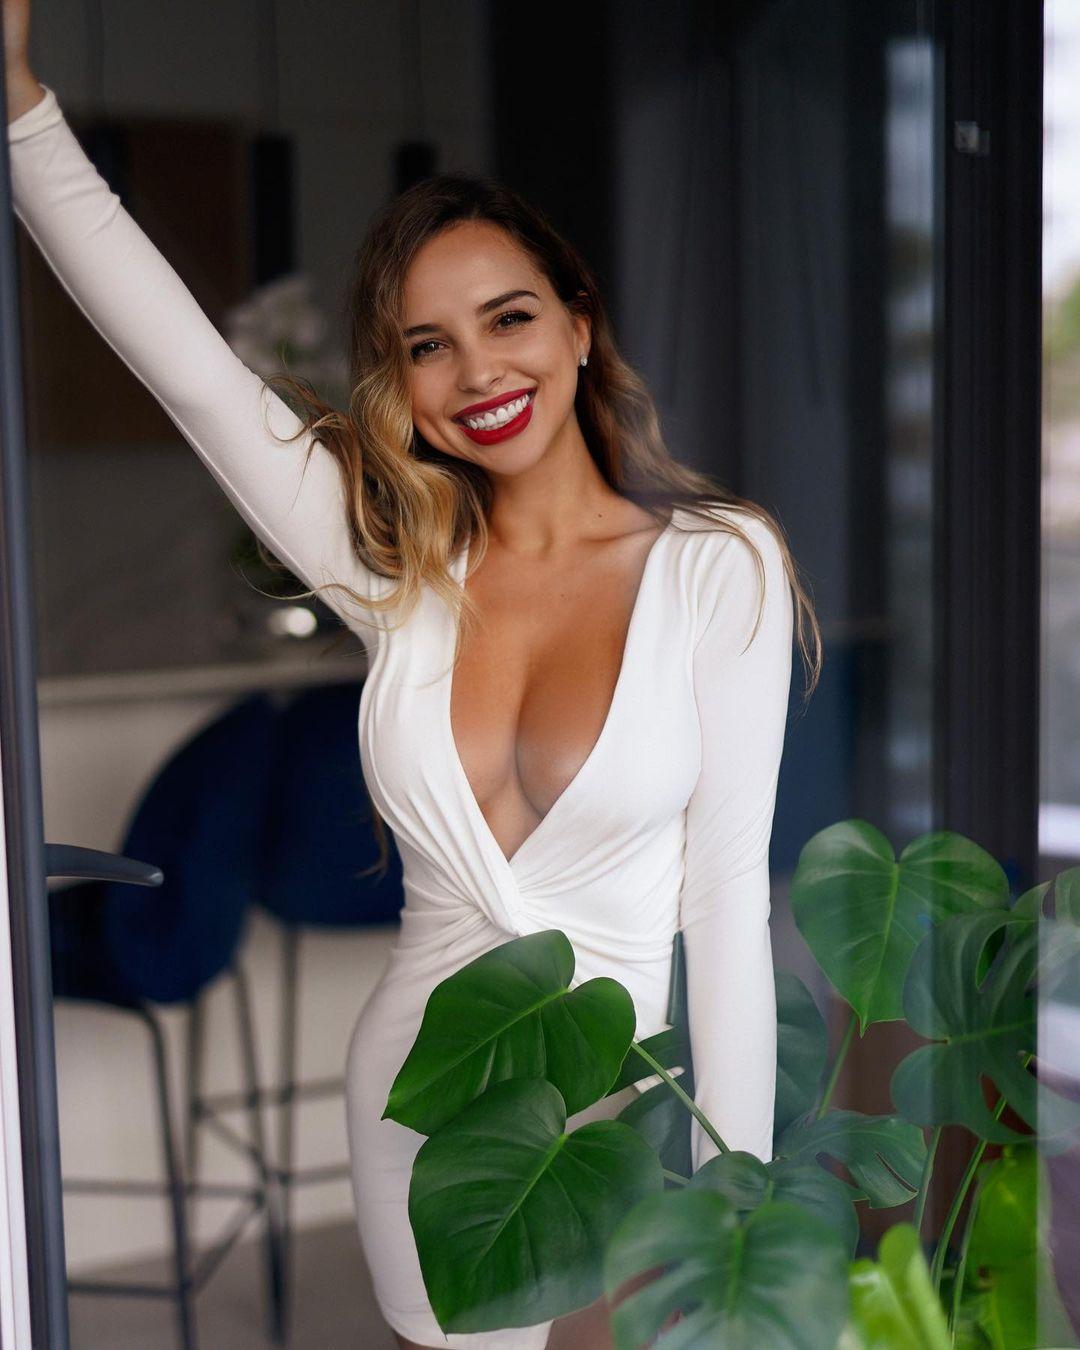 Вероника Белик (Veronica Bielik) - шикарная красотка с более 3 млн подписчиков (28 Фото) 2